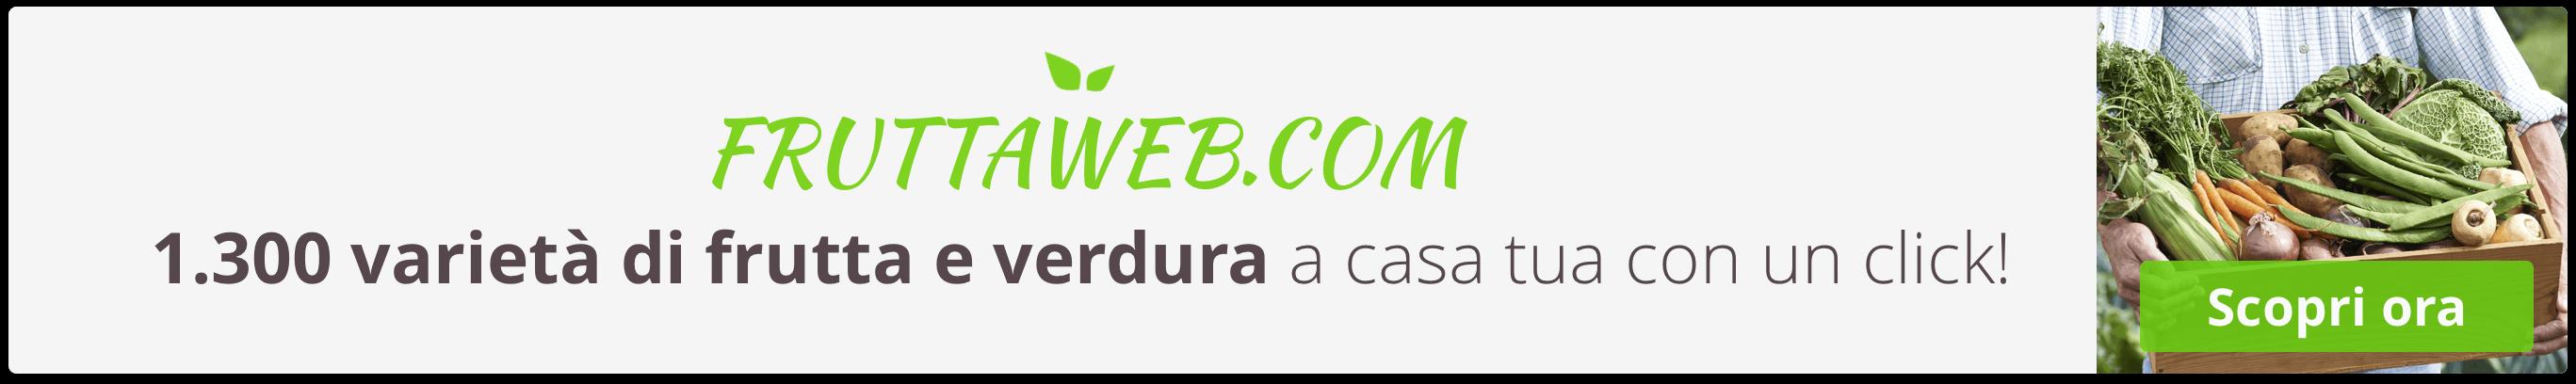 Acquista Online frutta e verdura fresca di qualità con un Click su FruttaWeb.com